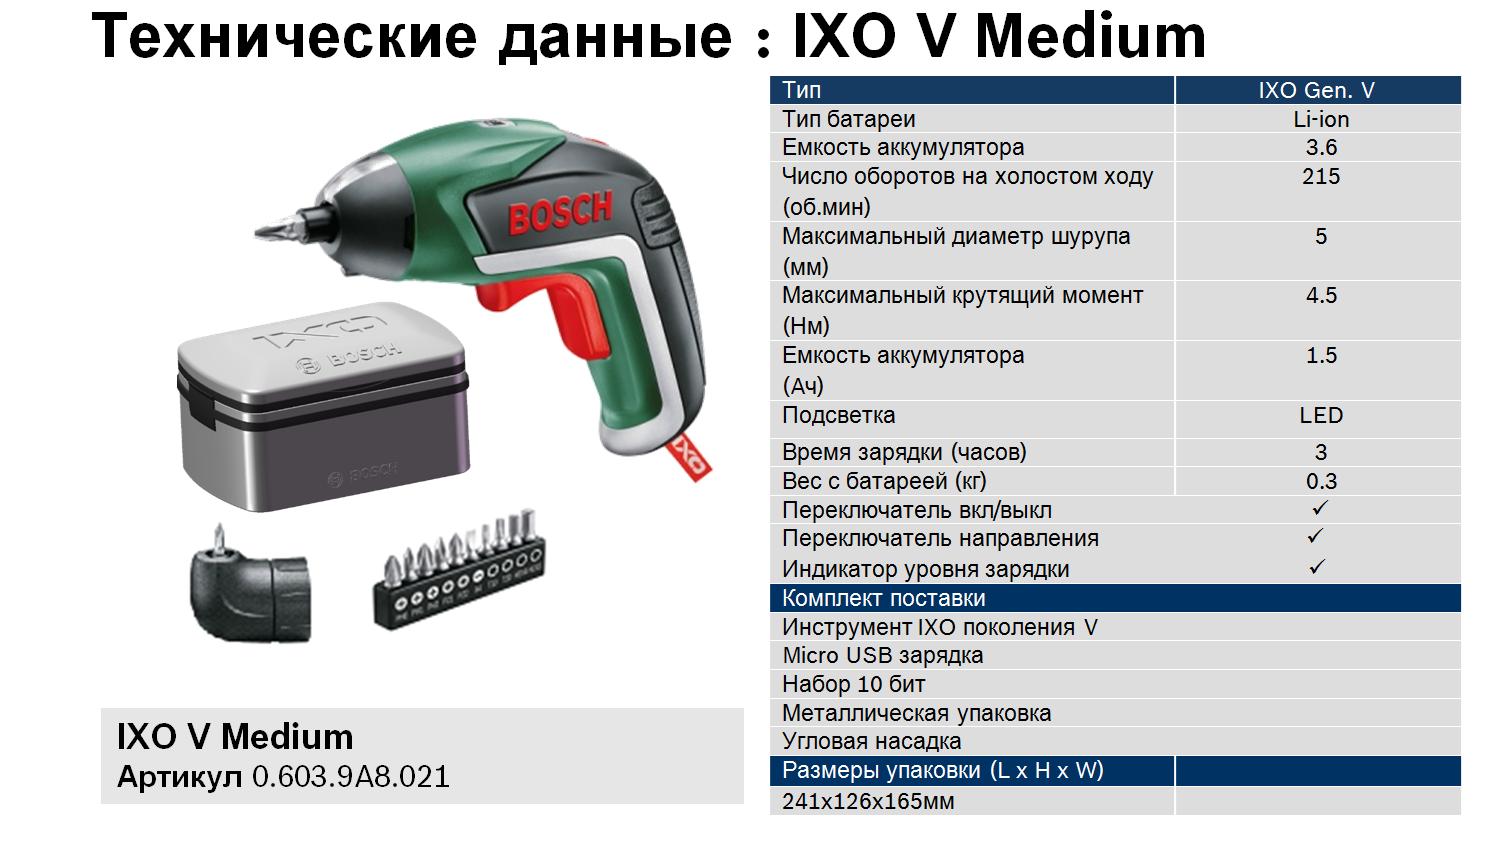 технические данные IXO 5 Medium